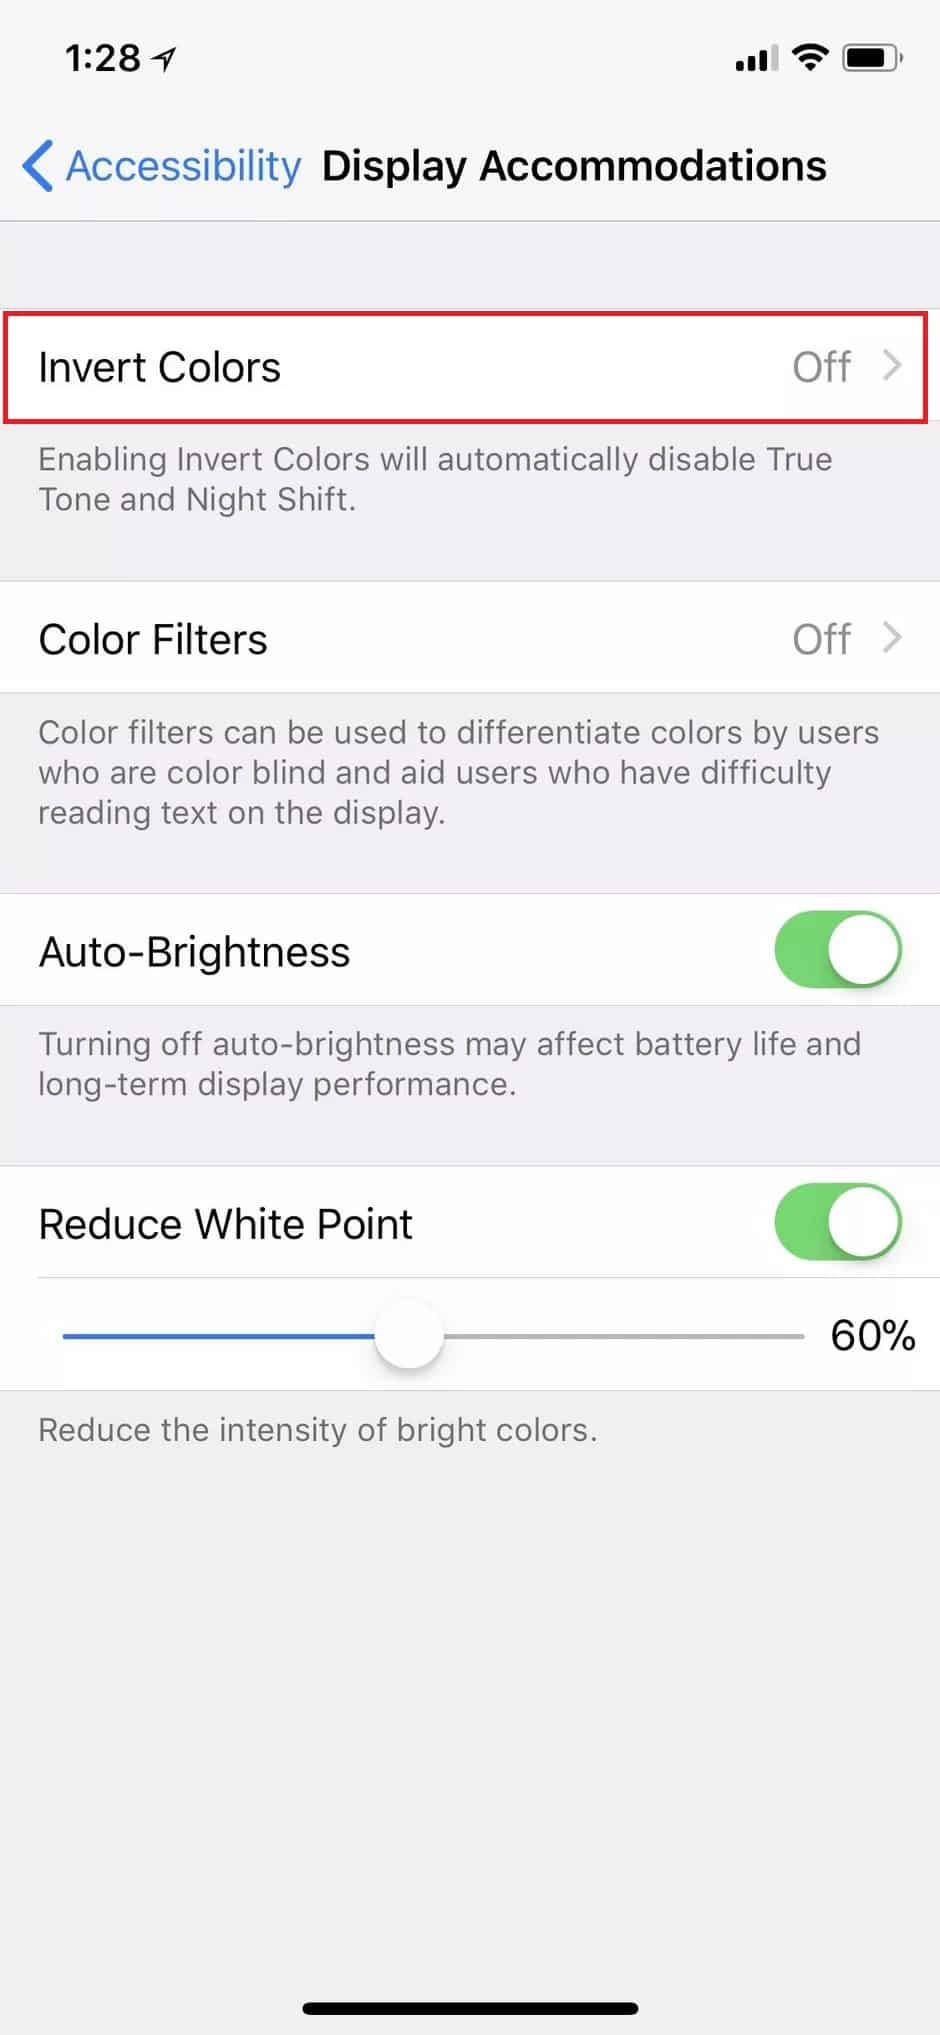 Selanjutnya-tap-pada-opsi-Invert-Colors-yang-berfungsi-untuk-mengganti-warna-ke-dalam-mode-invert